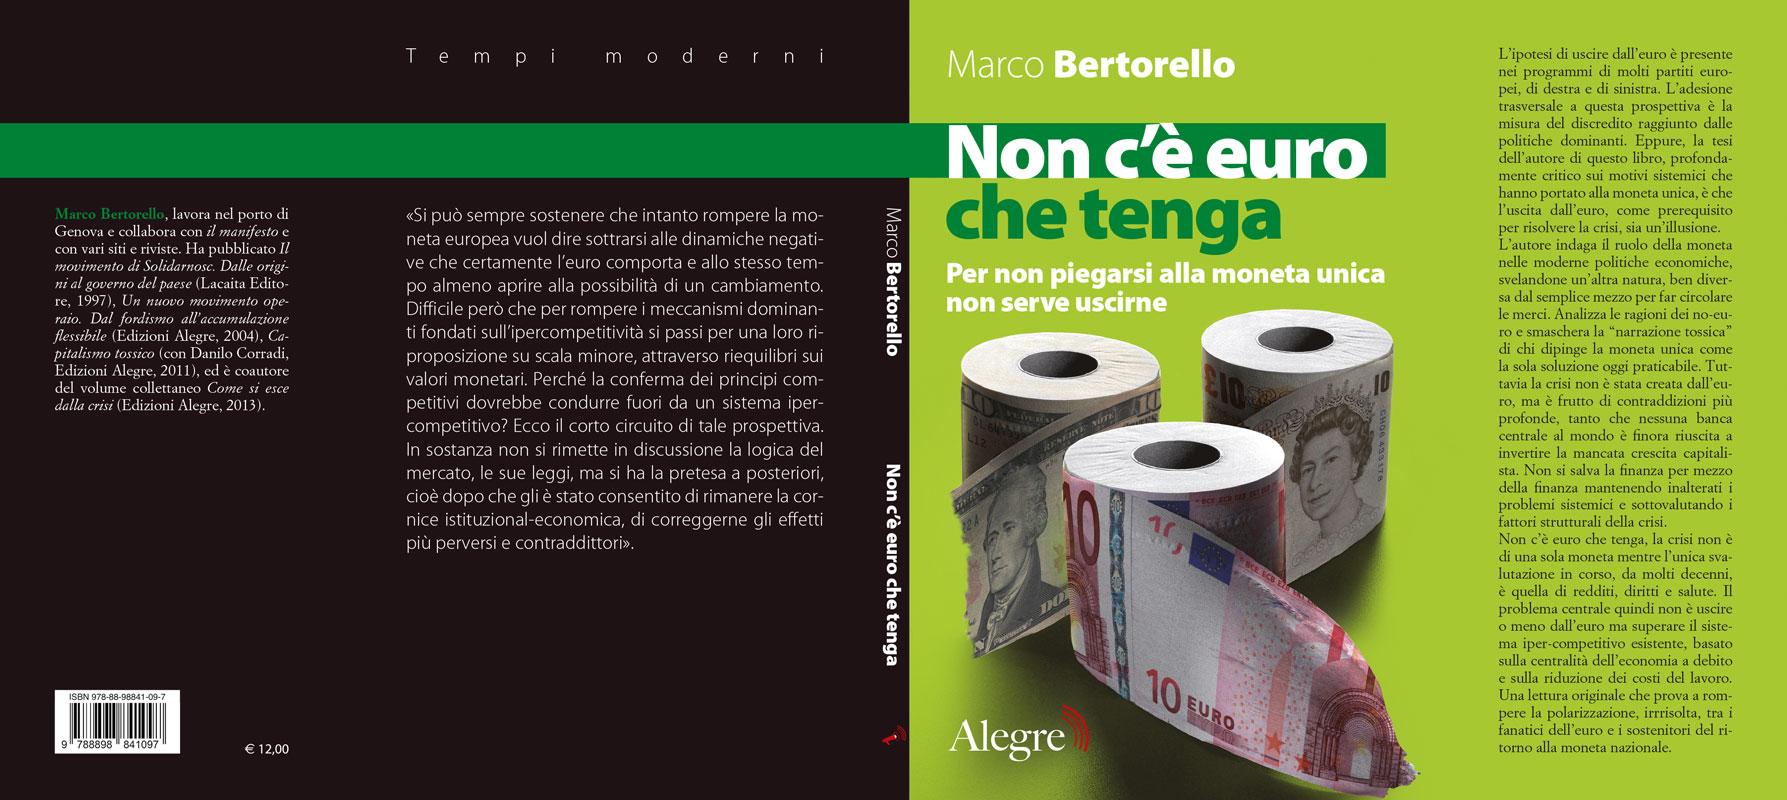 Marco Bertorello, Non c'è euro che tenga, stesa